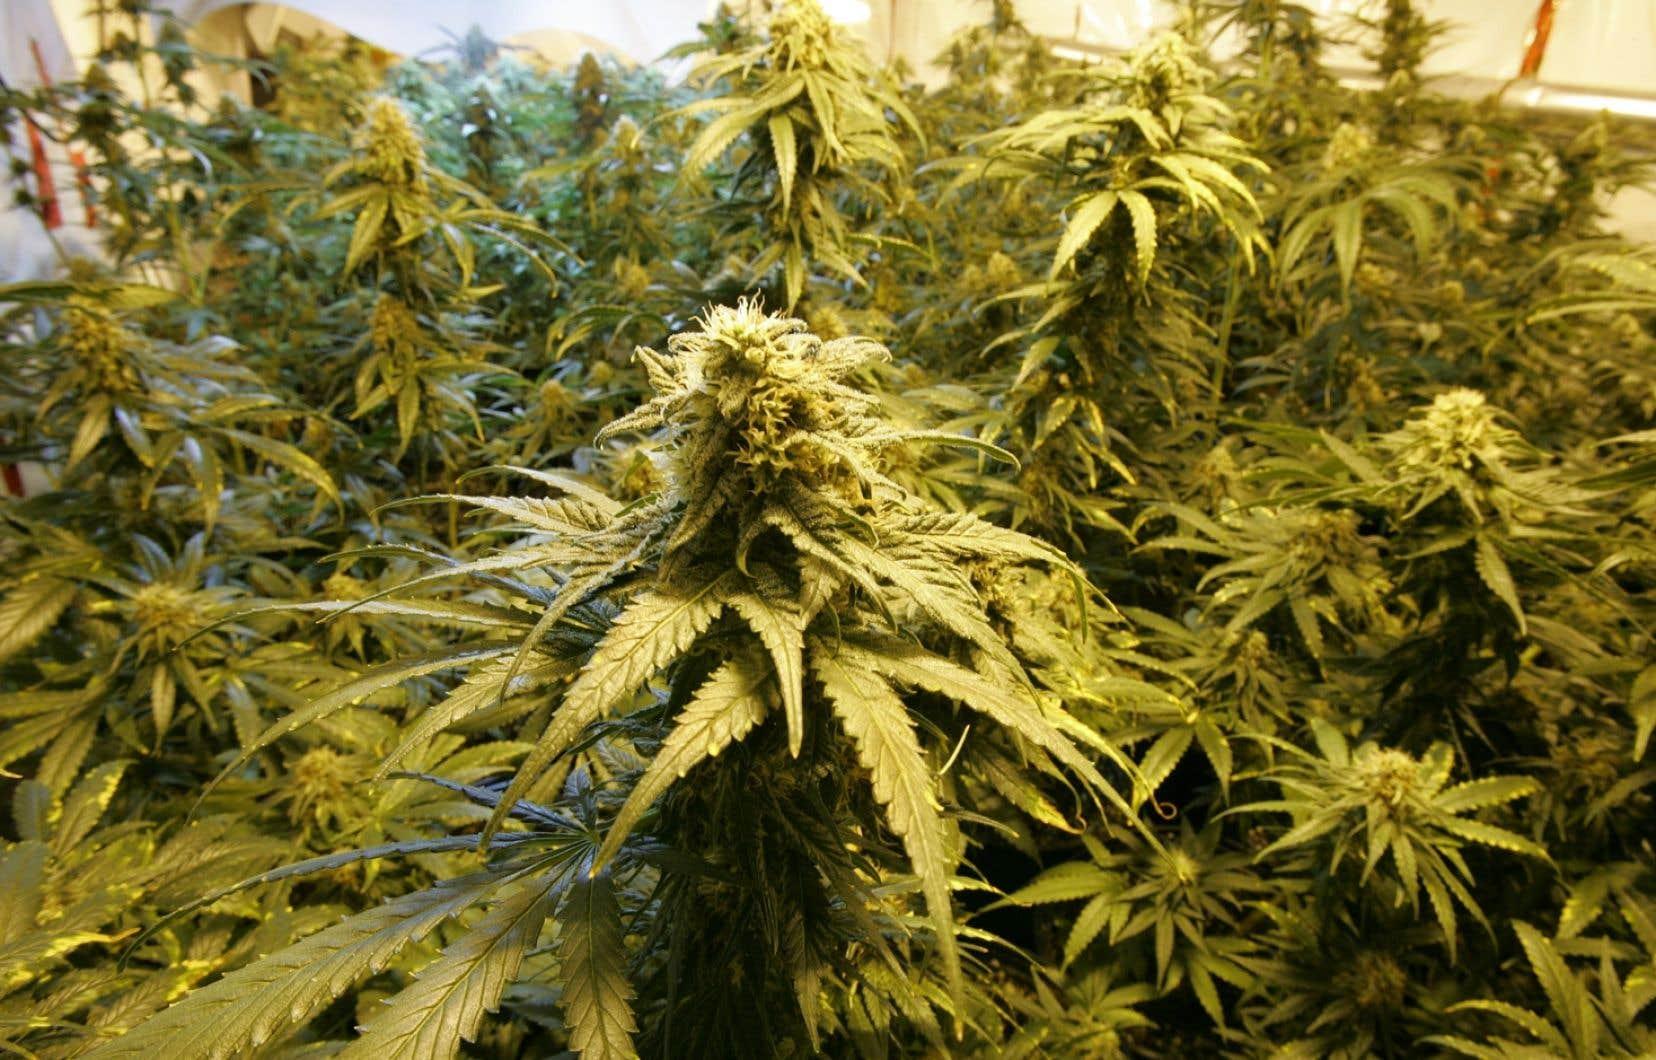 Le 1er avril, Santé Canada a radicalement modifié ses règles sur la marijuana médicale en ouvrant la production au secteur commercial.